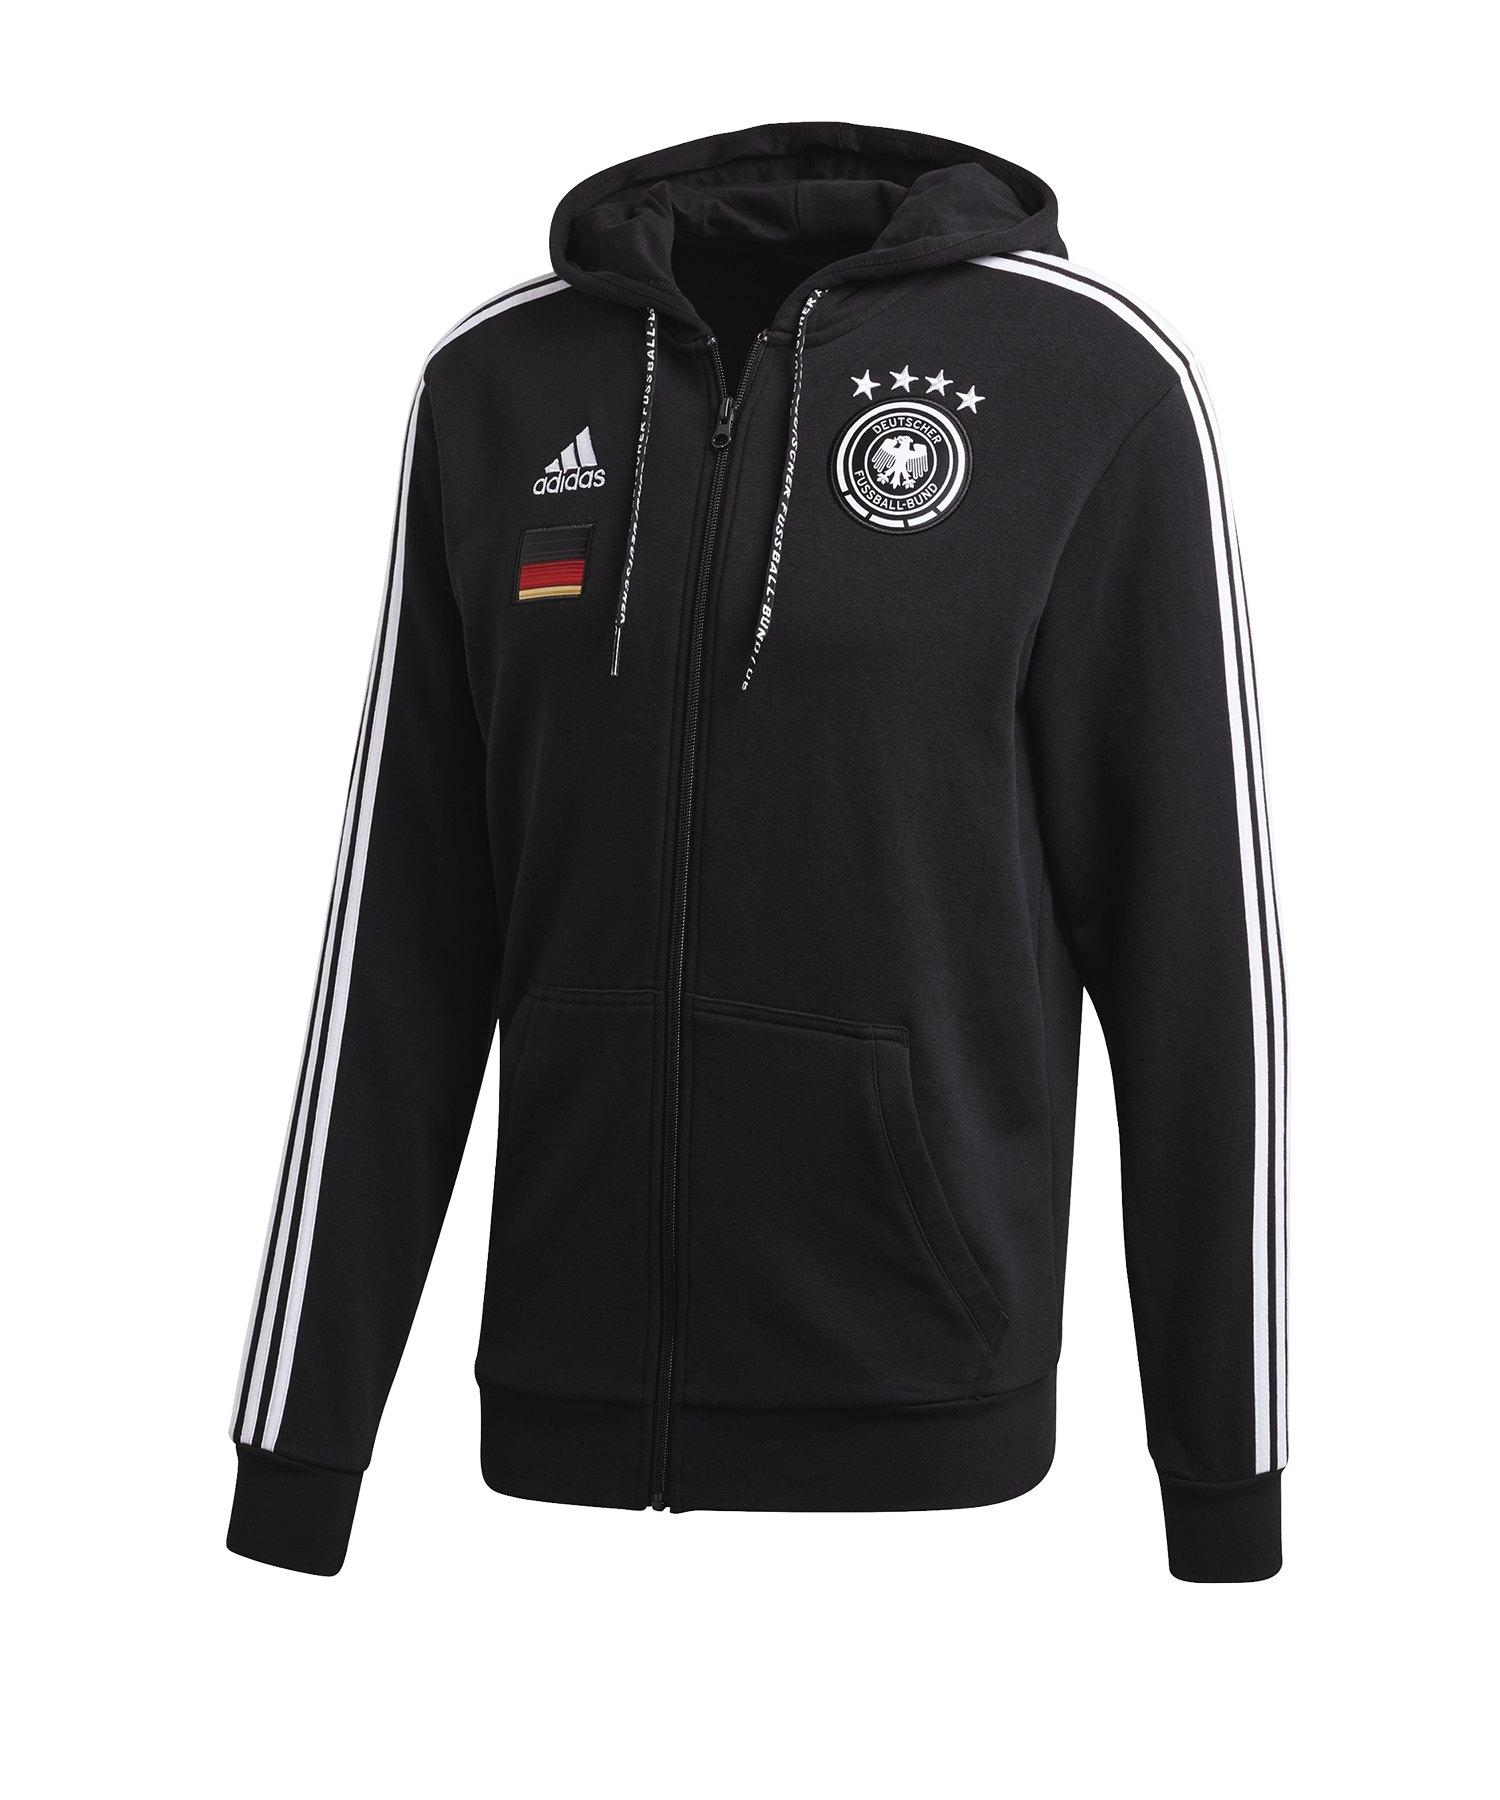 adidas DFB Deutschland Kapuzenjacke Schwarz - schwarz